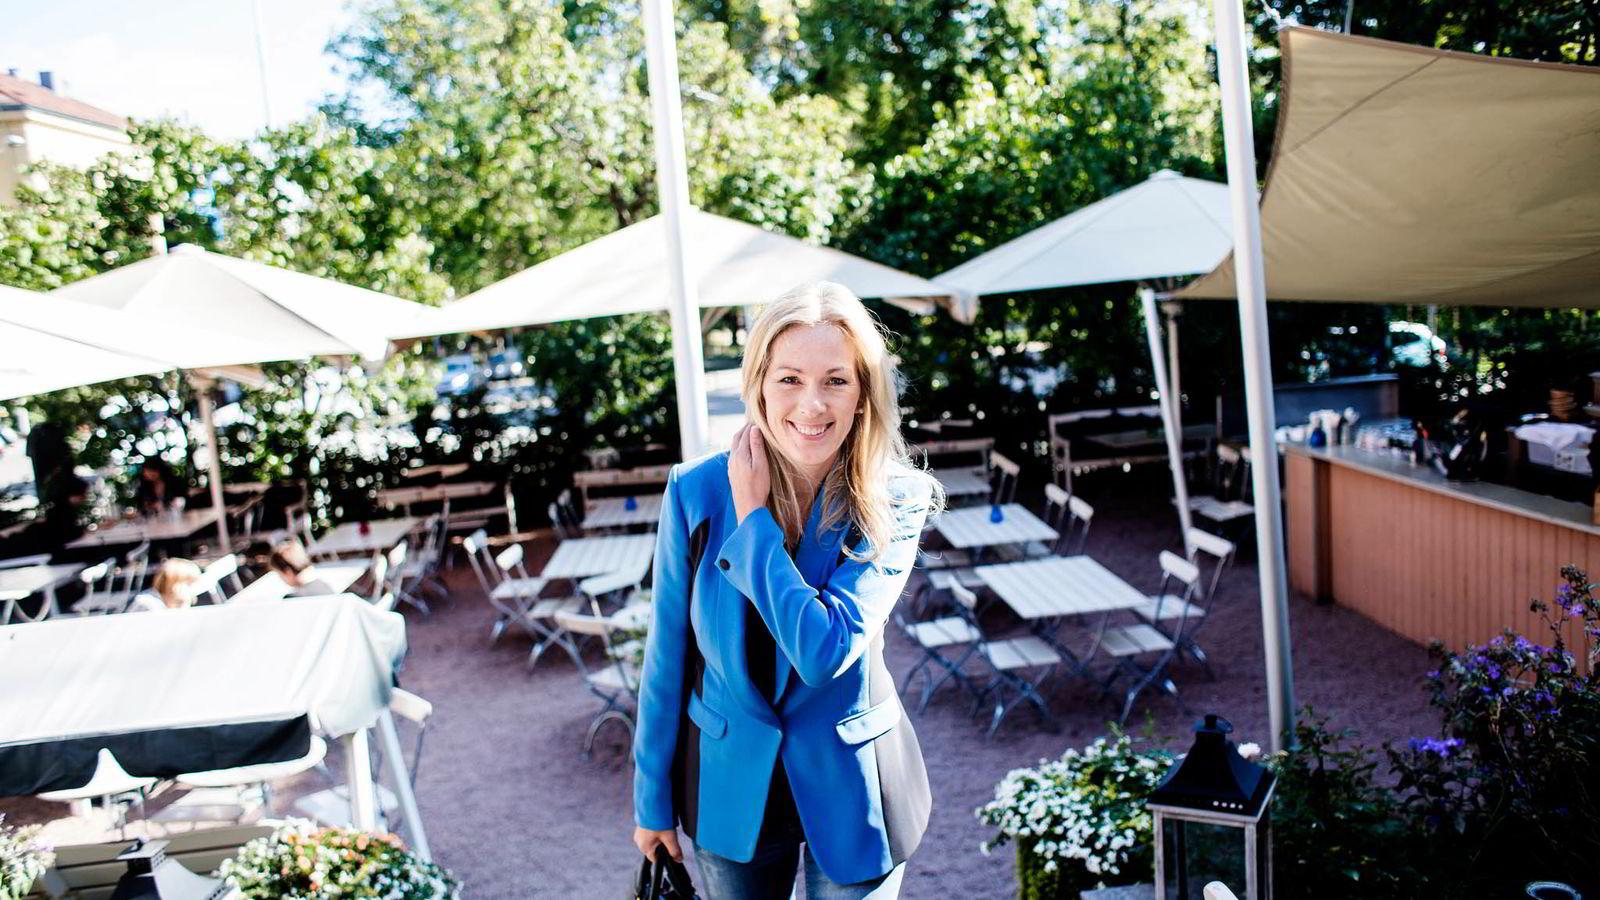 LEDER PÅ TOPP, SELSKAP I BUNN. Anita Krohn Traaseth har fått mye oppmerksomhet i norske medier, men selskapet hun ledet, HP, når ikke like høyt.  Foto: Fredrik Bjerknes.